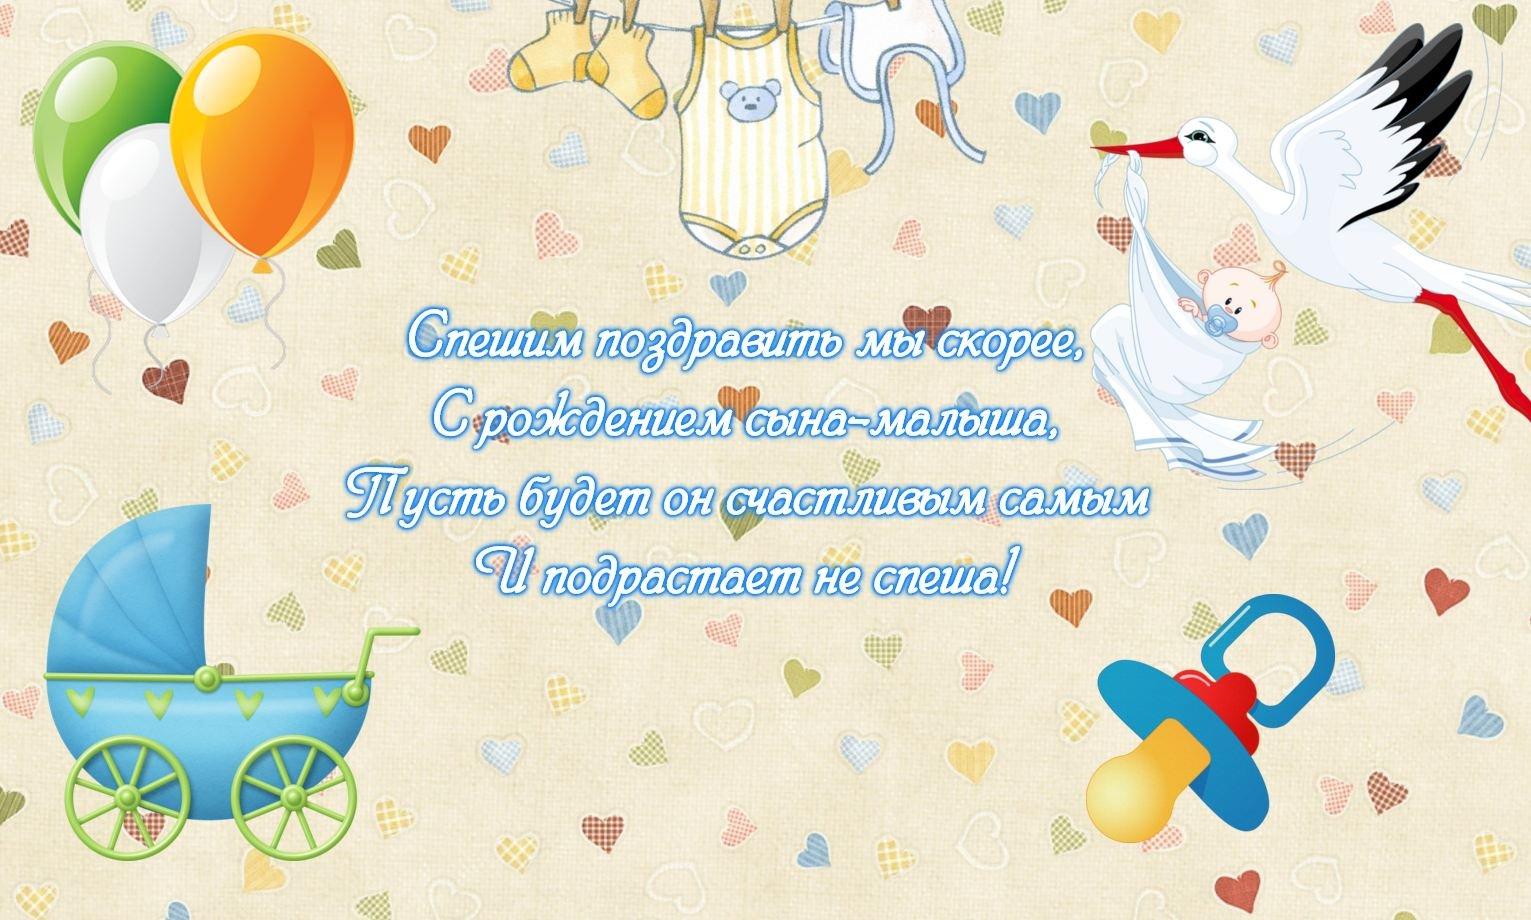 Поздравительная открытка на рождение сына, днем рождения